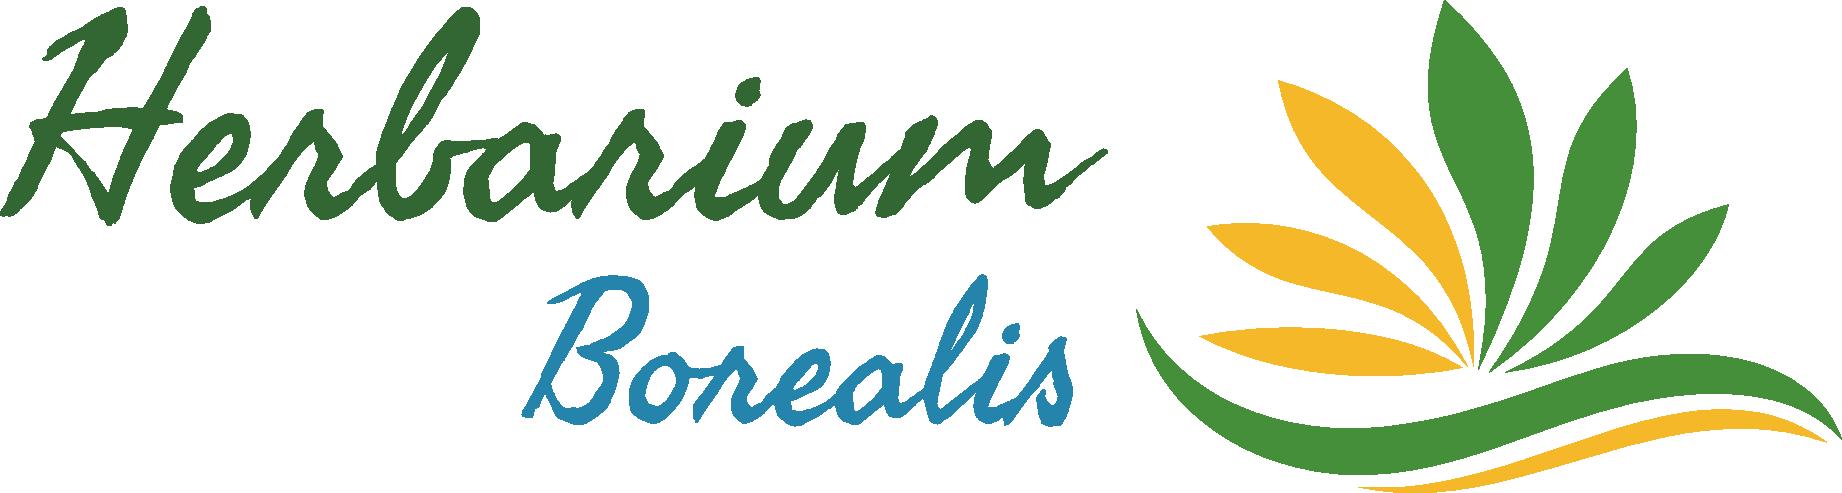 Herbarium Borealis